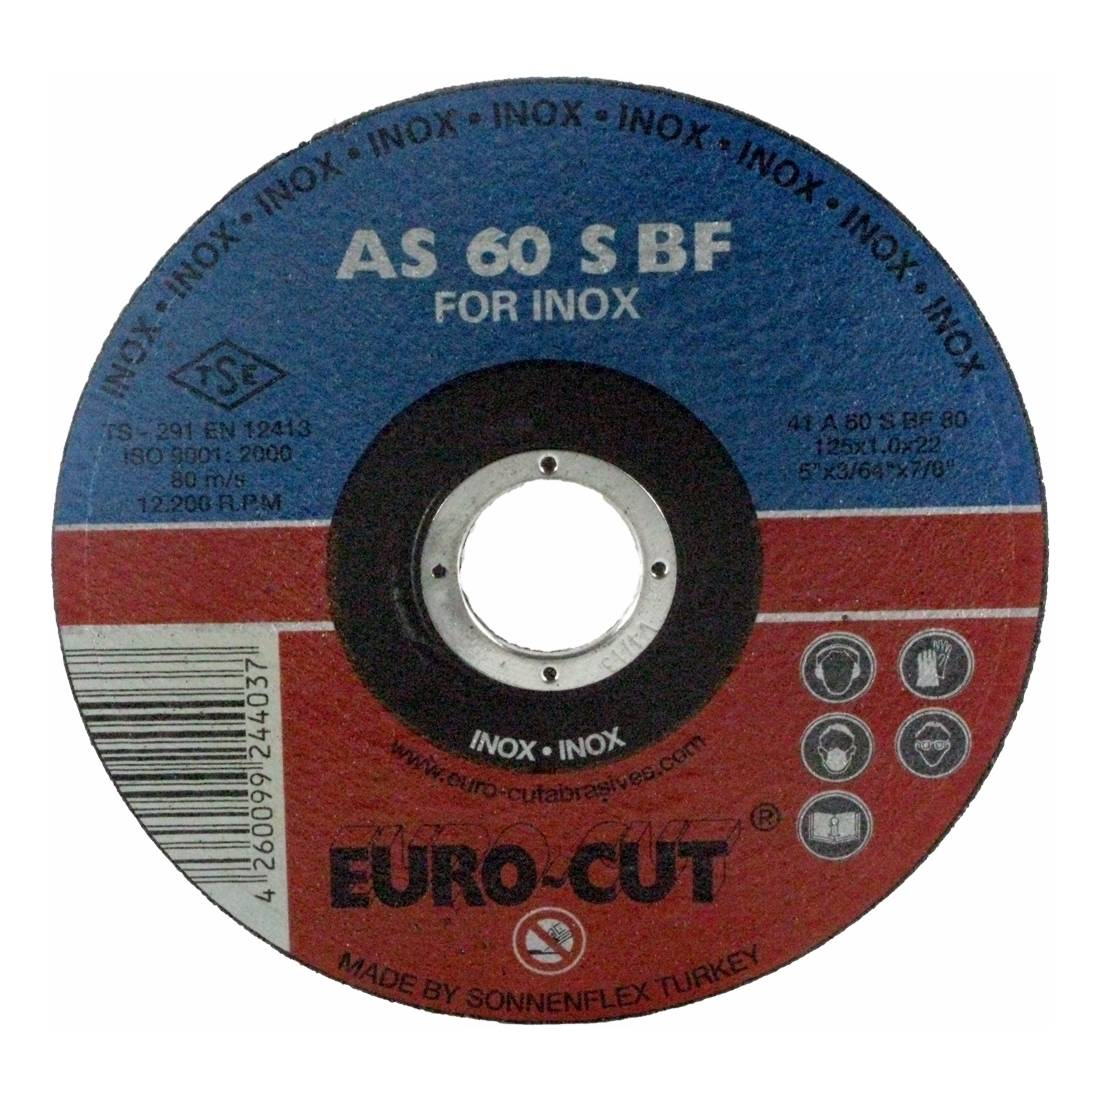 Edelstahl-Trennscheibe 'Euro Cut' 125 x 22,2 x 1,0 mm, gerade